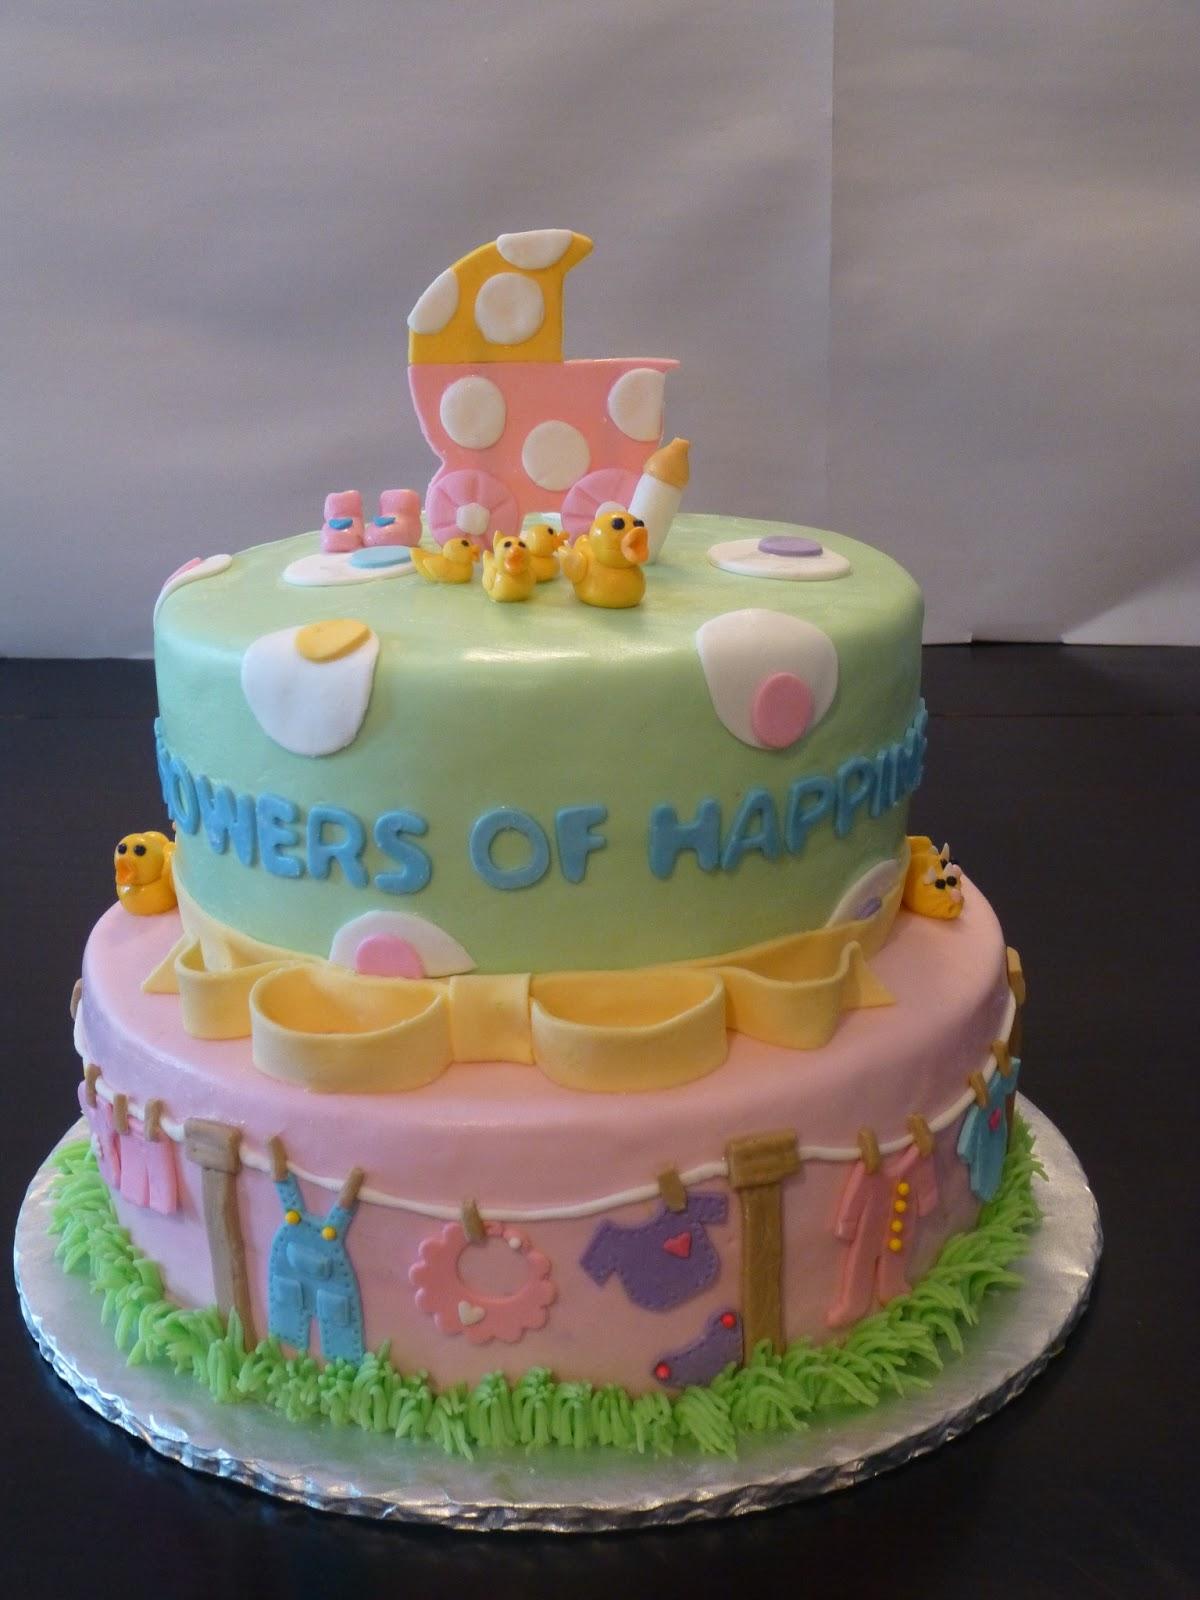 Pics of baby cakes